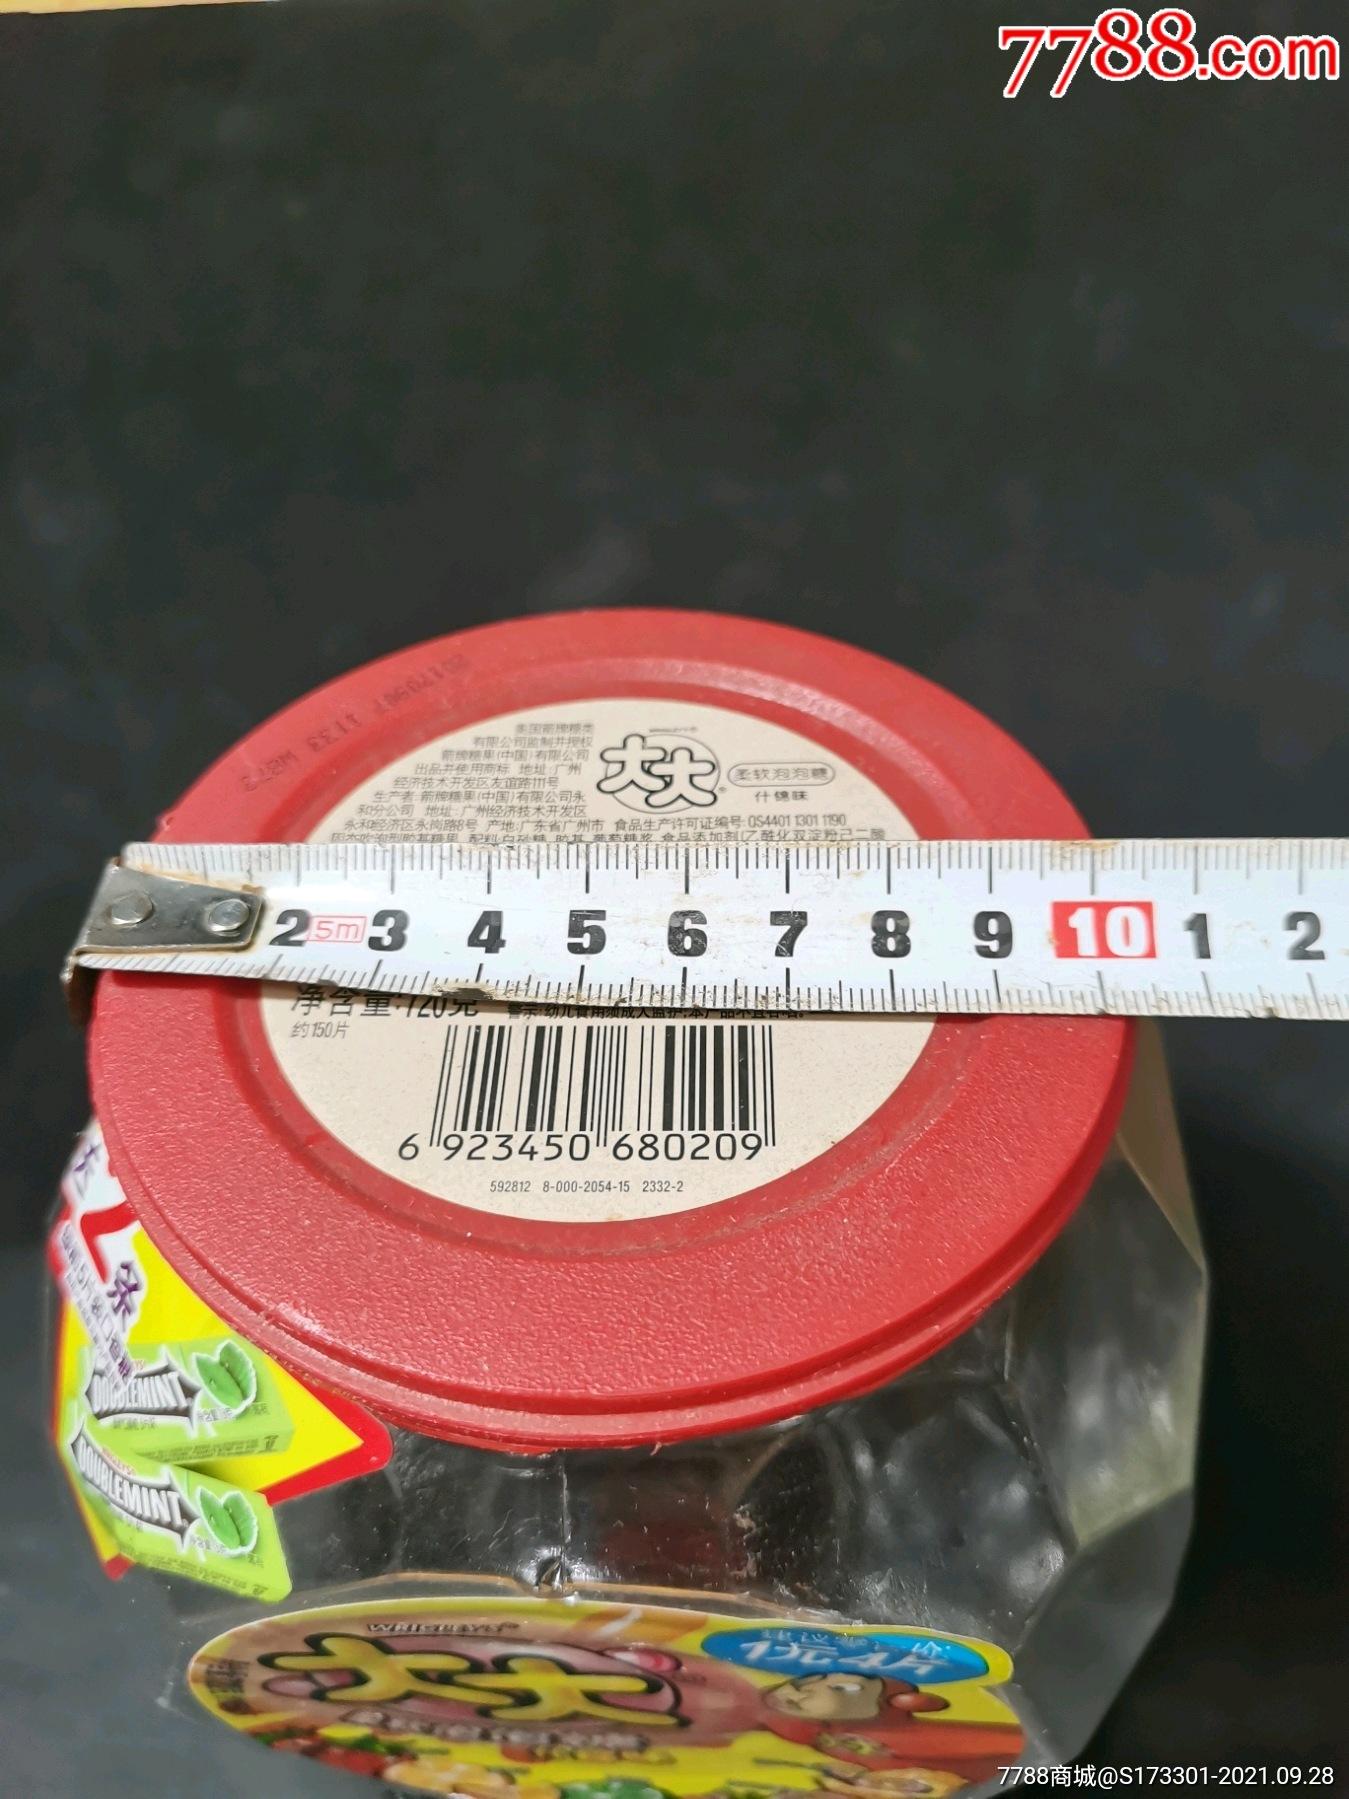 大大泡泡糖空罐_价格5元_第9张_